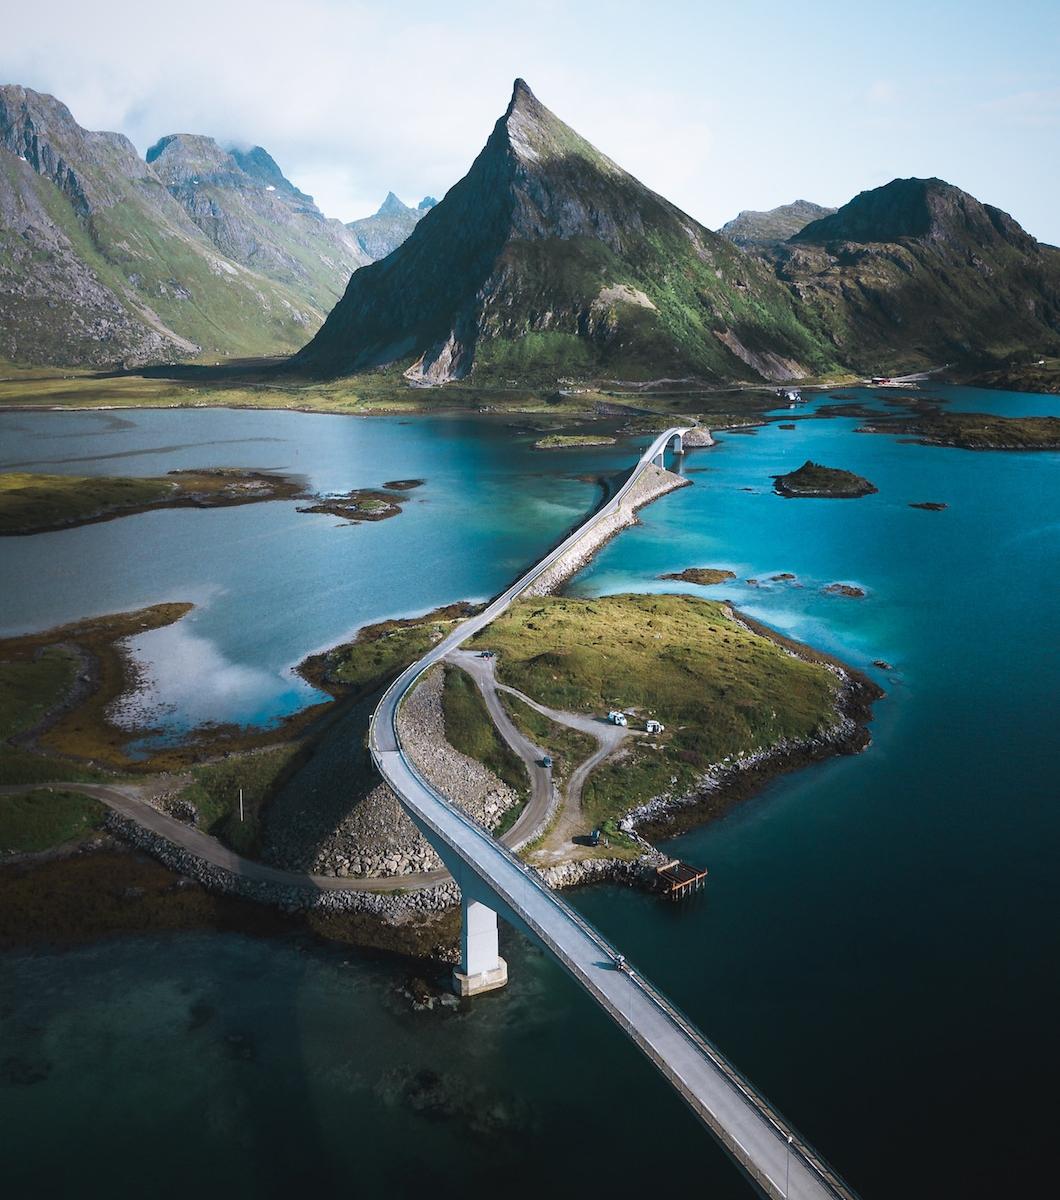 Fotografias capturam a beleza magnética das maravilhas naturais da Noruega